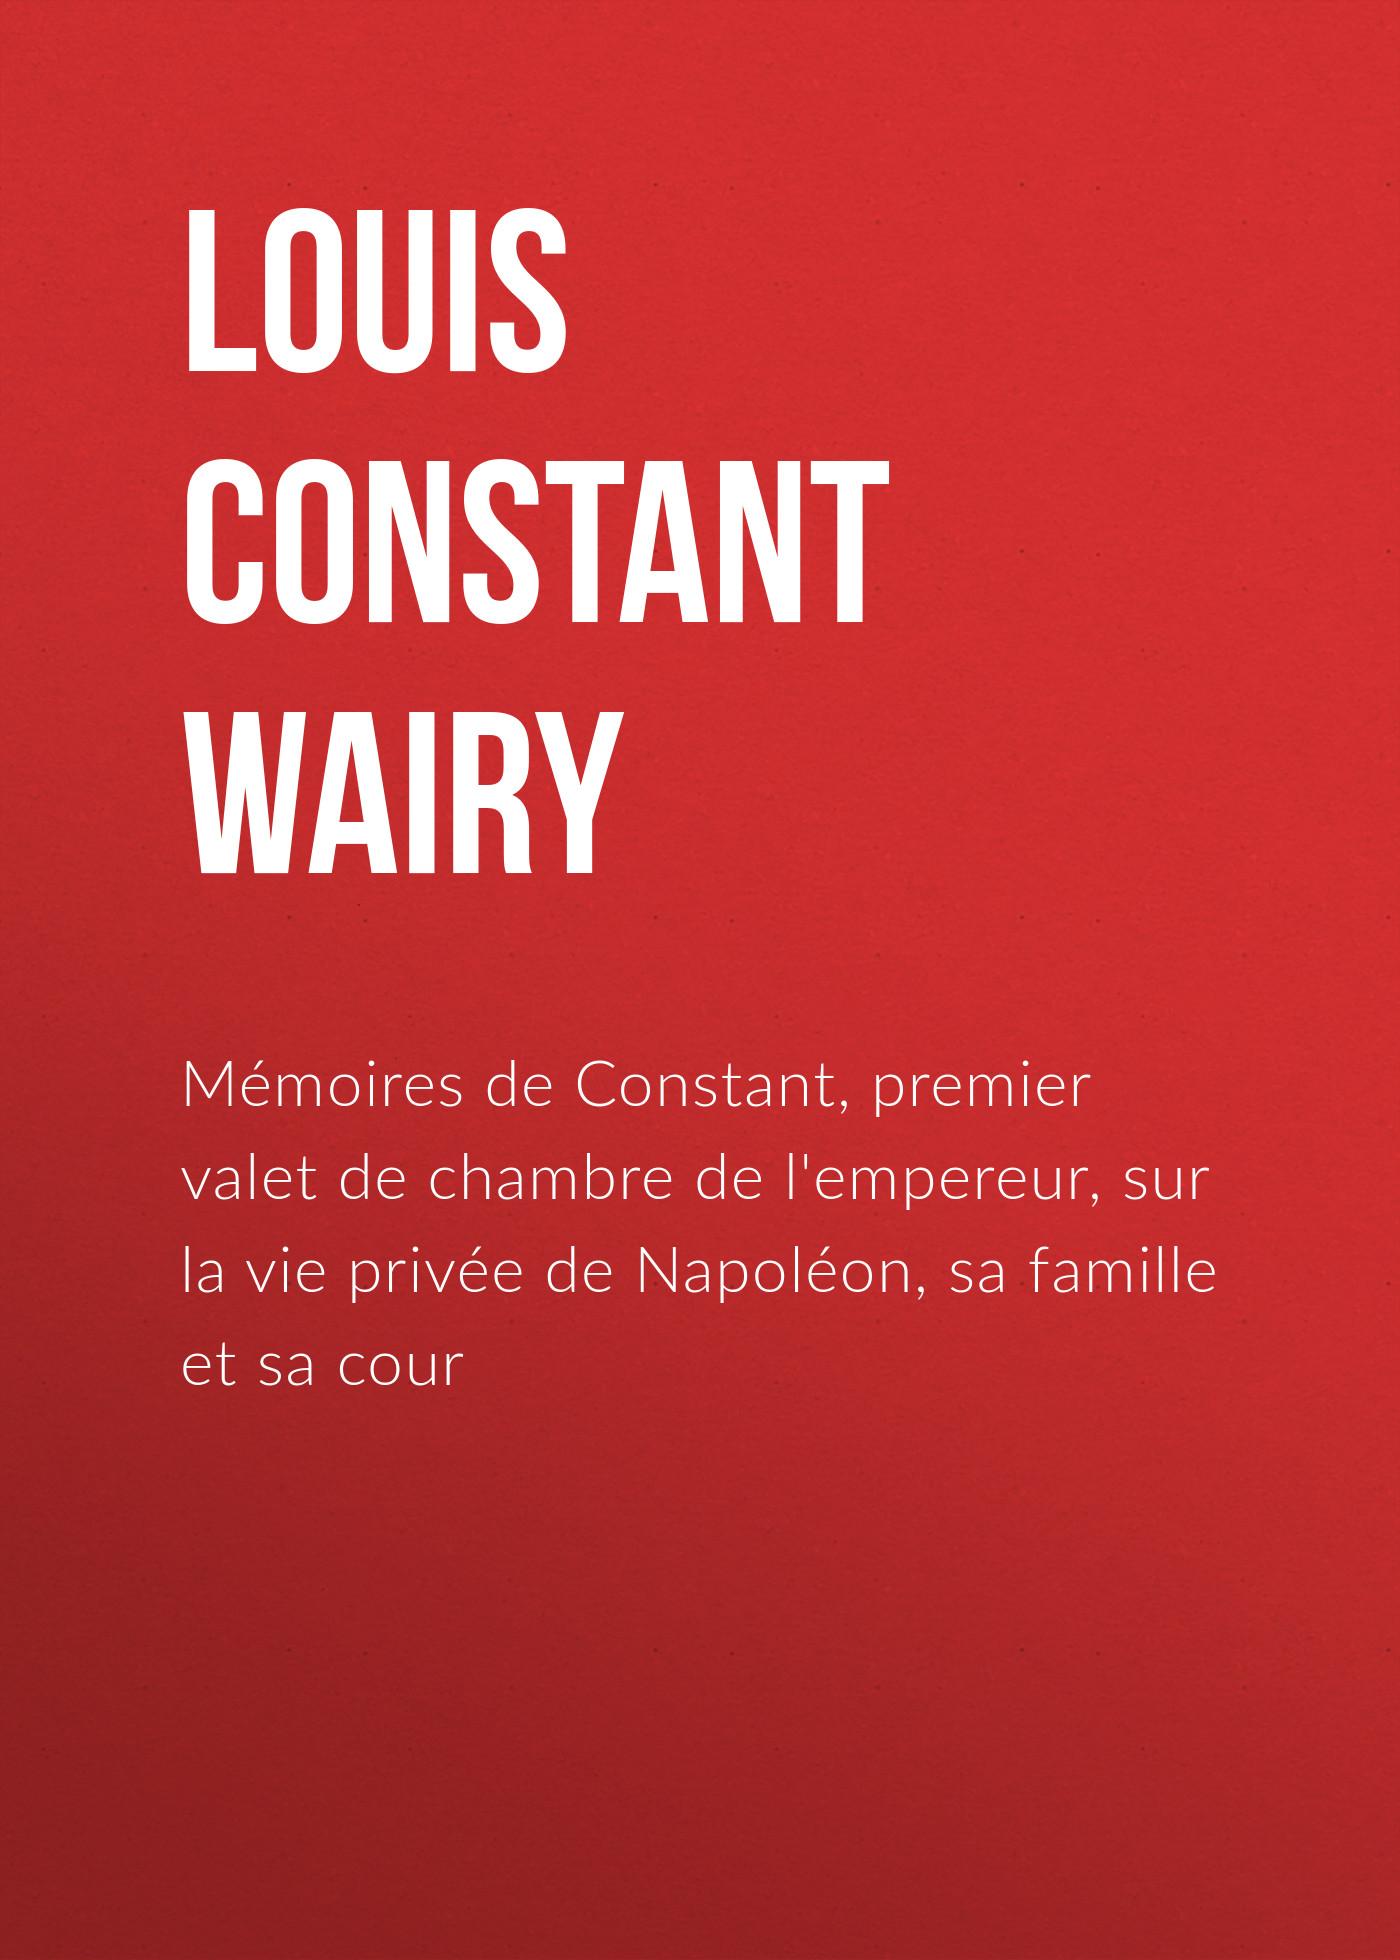 Louis Constant Wairy Mémoires de Constant, premier valet de chambre de l'empereur, sur la vie privée de Napoléon, sa famille et sa cour h cramer bouquet de melodies sur la vie mondaine